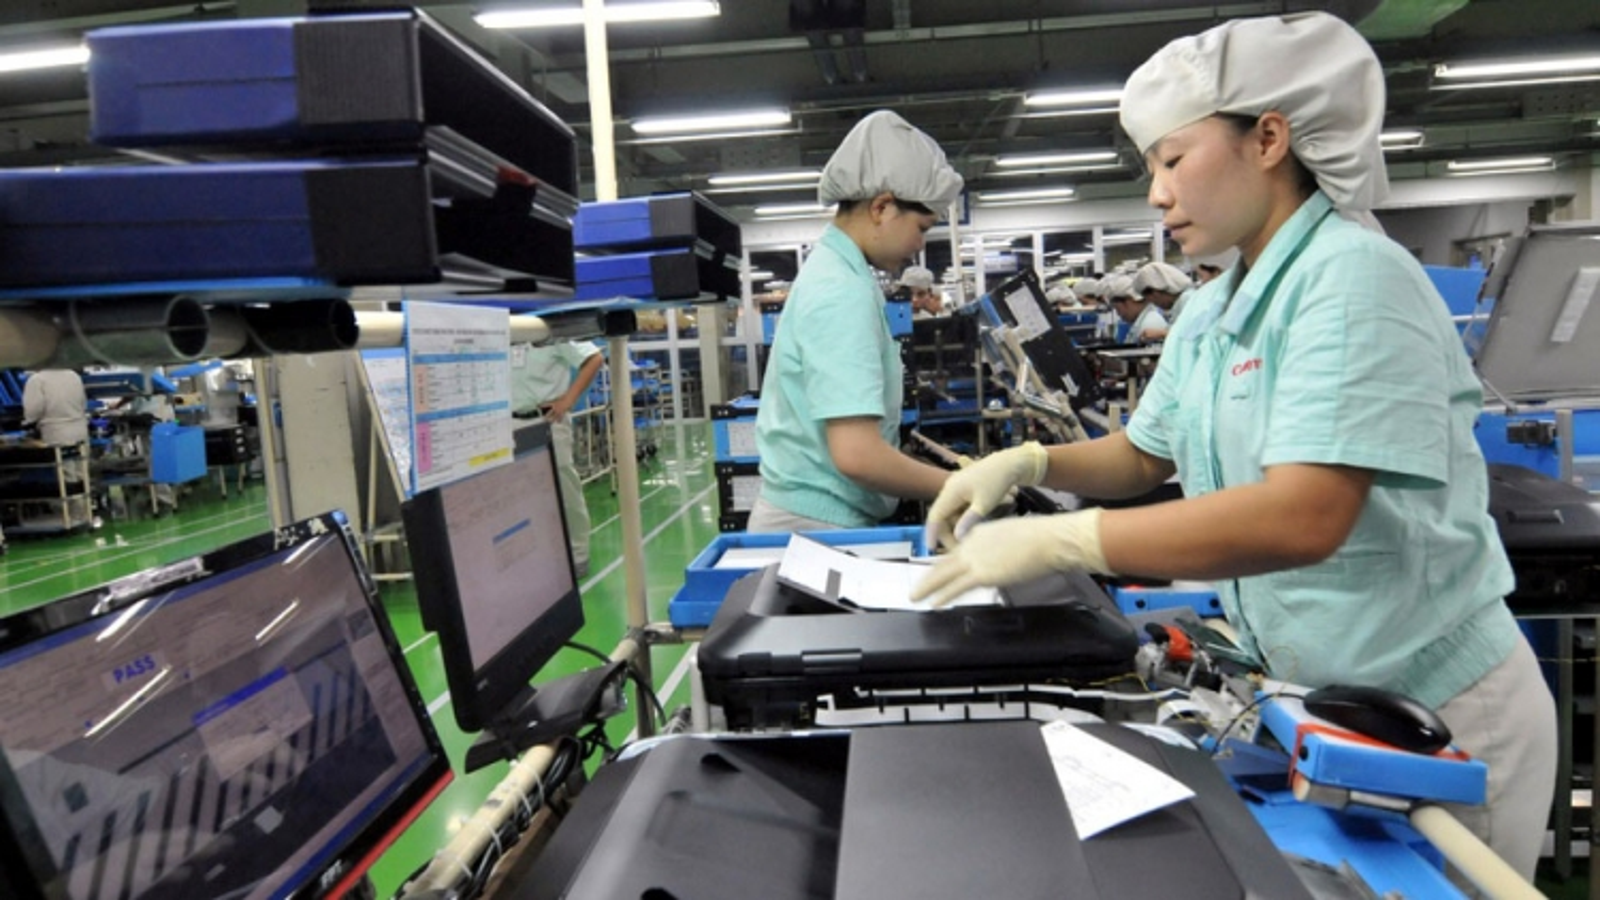 Công nghiệp điện tử: Cần doanh nghiệp có vai trò dẫn dắt thị trường